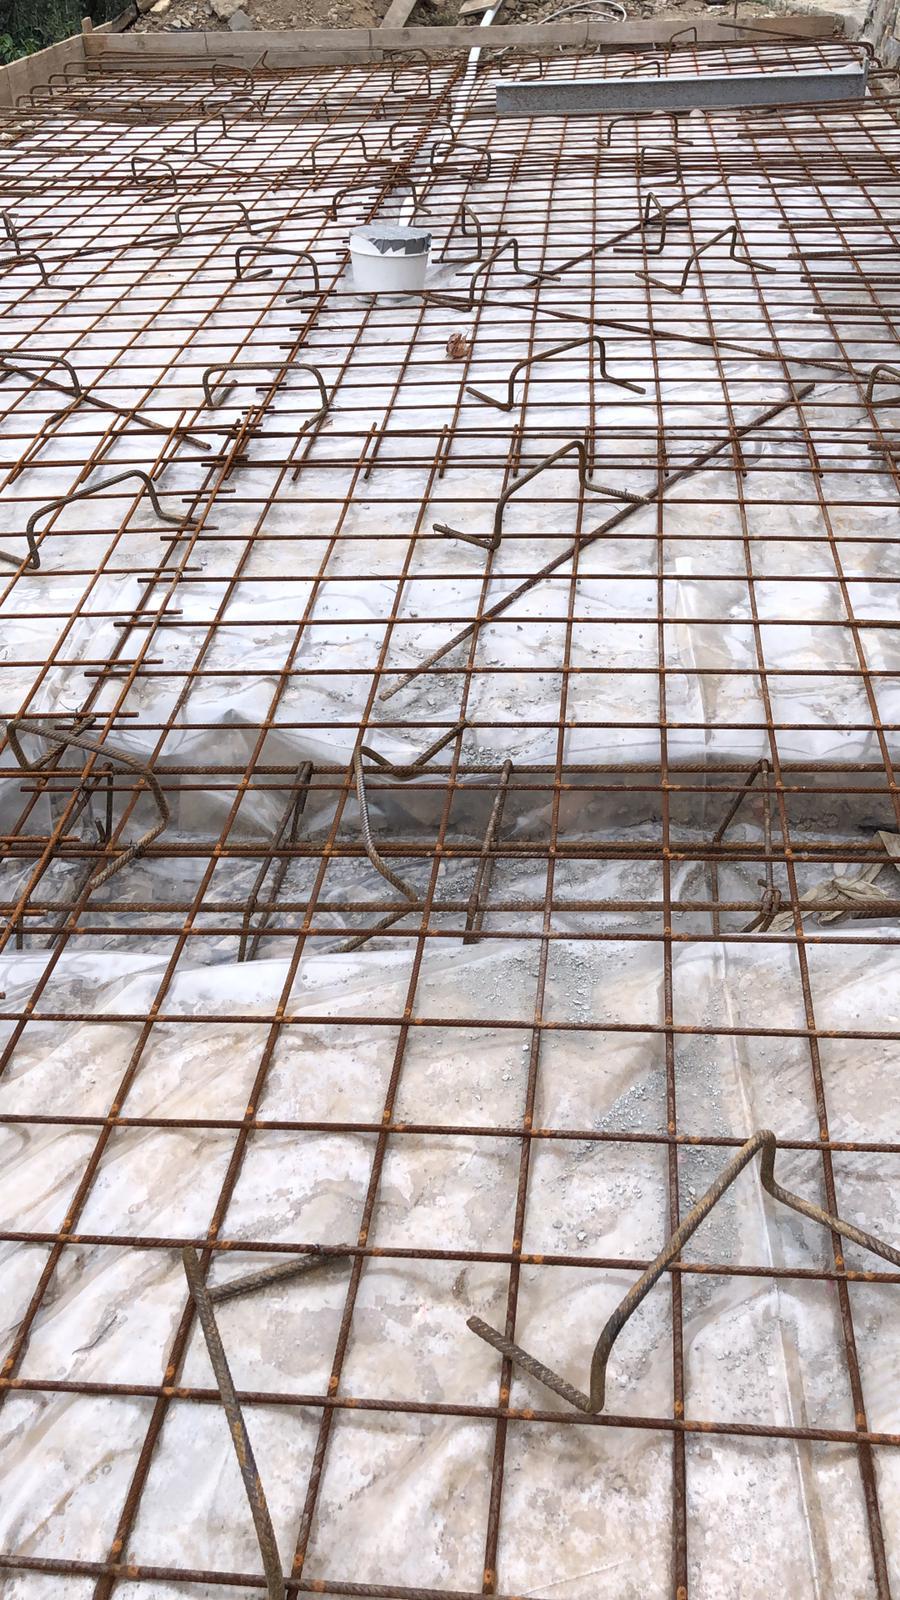 34. Platea di fondazione con rete elettrosaldata: lavori in corso.